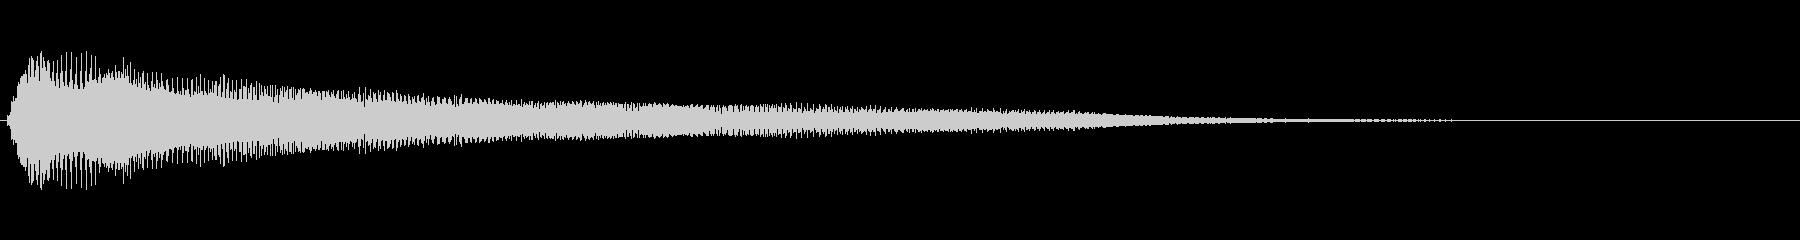 残念・失敗・呆れ・コミカル Low-7の未再生の波形